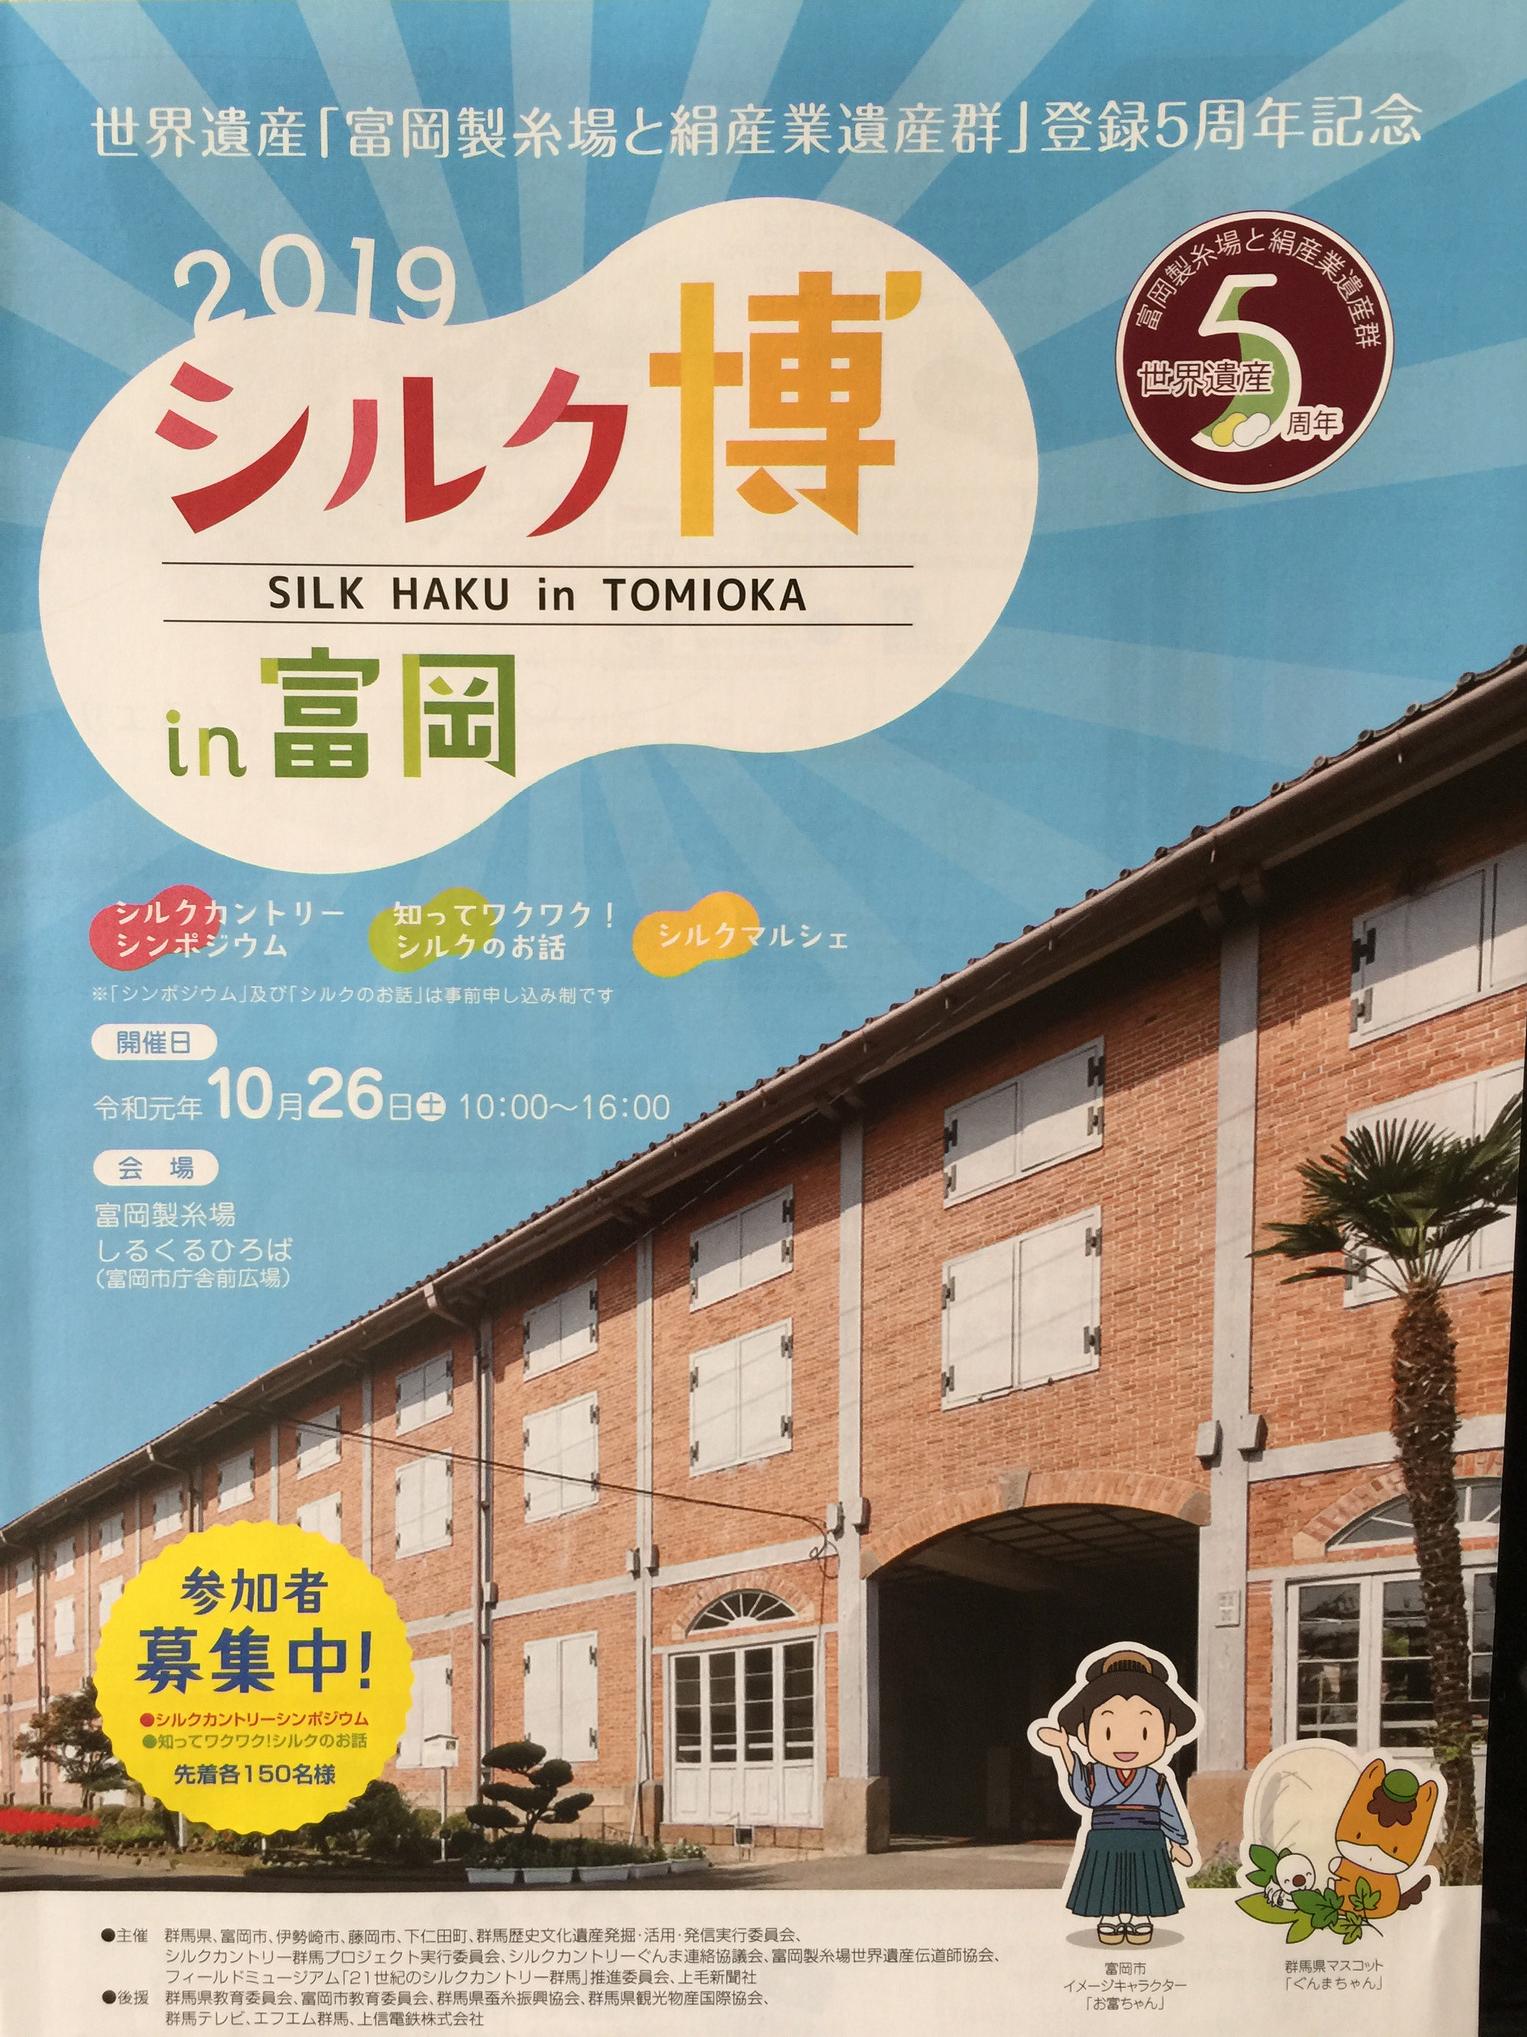 10/26(土)10:00〜シルク博in富岡 → 台風の為中止のご案内(10/23追記)